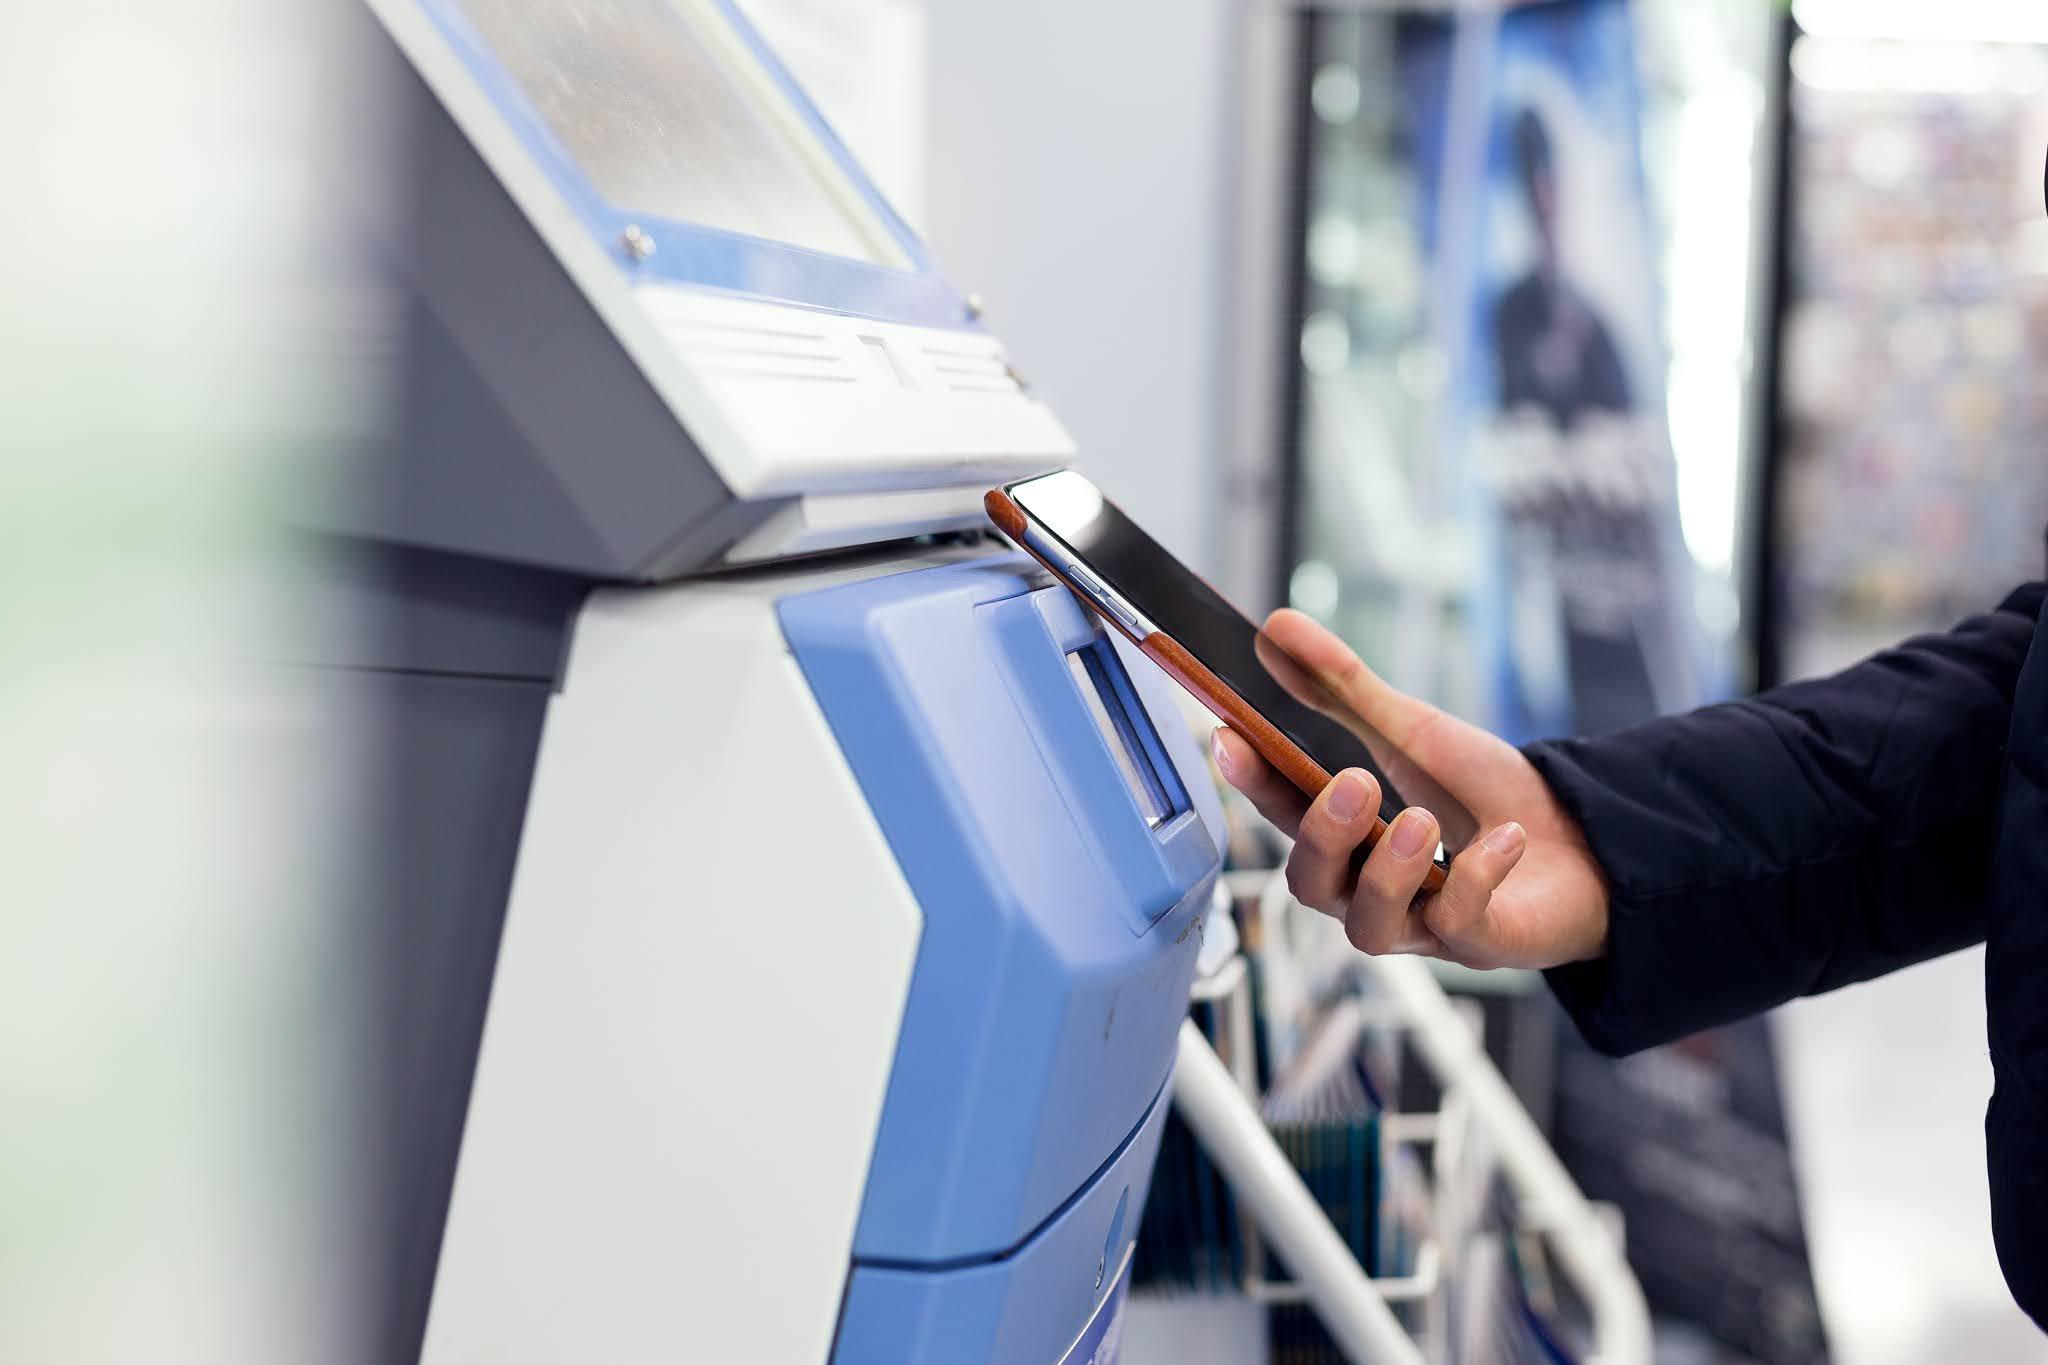 هيئة دبي الرقمية تدعم جهودها نحو التحول الذكي والرقمي